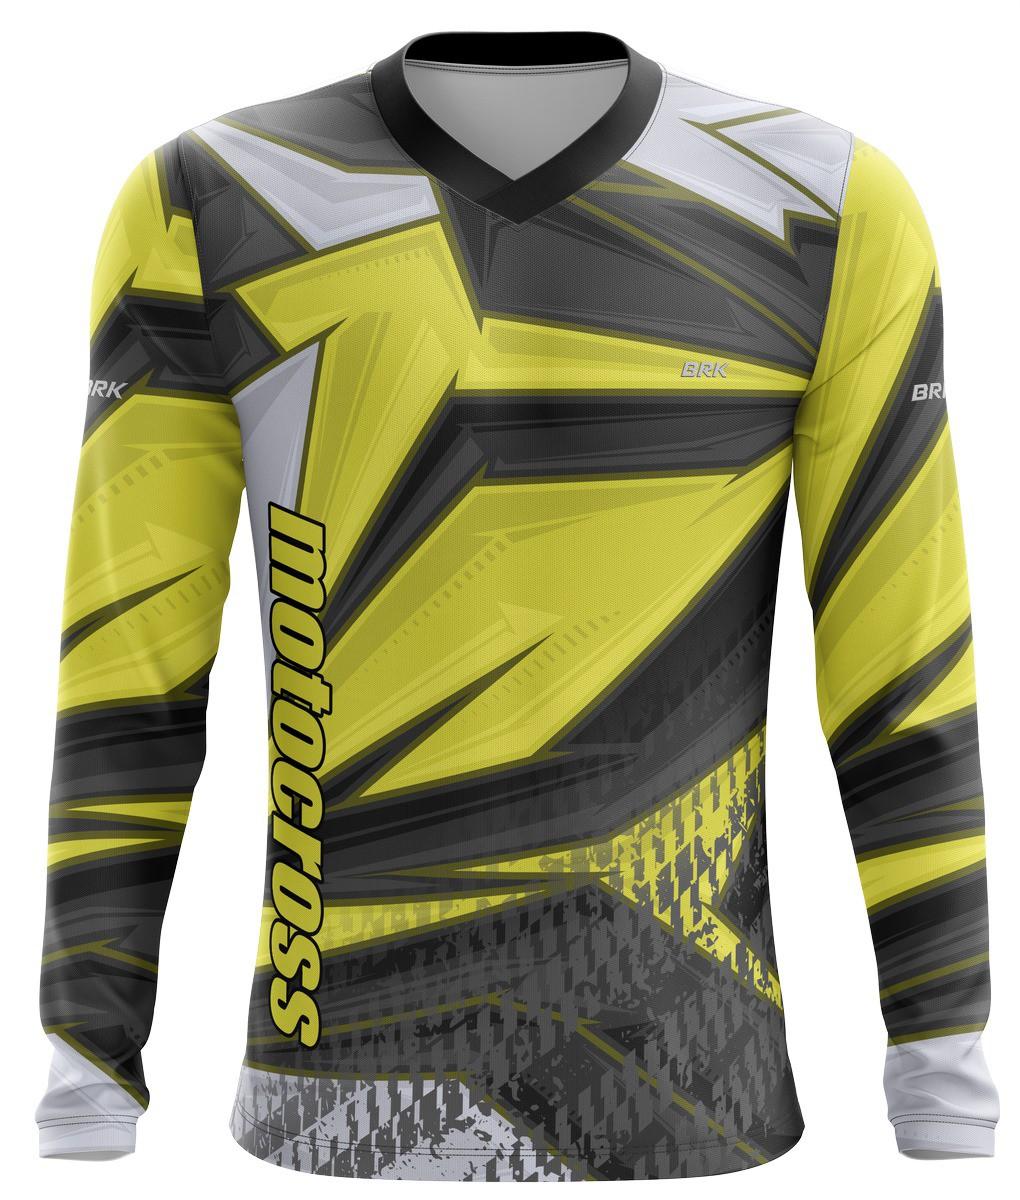 Camiseta Brk Motocross Amarelo com Cinza com fps 50+